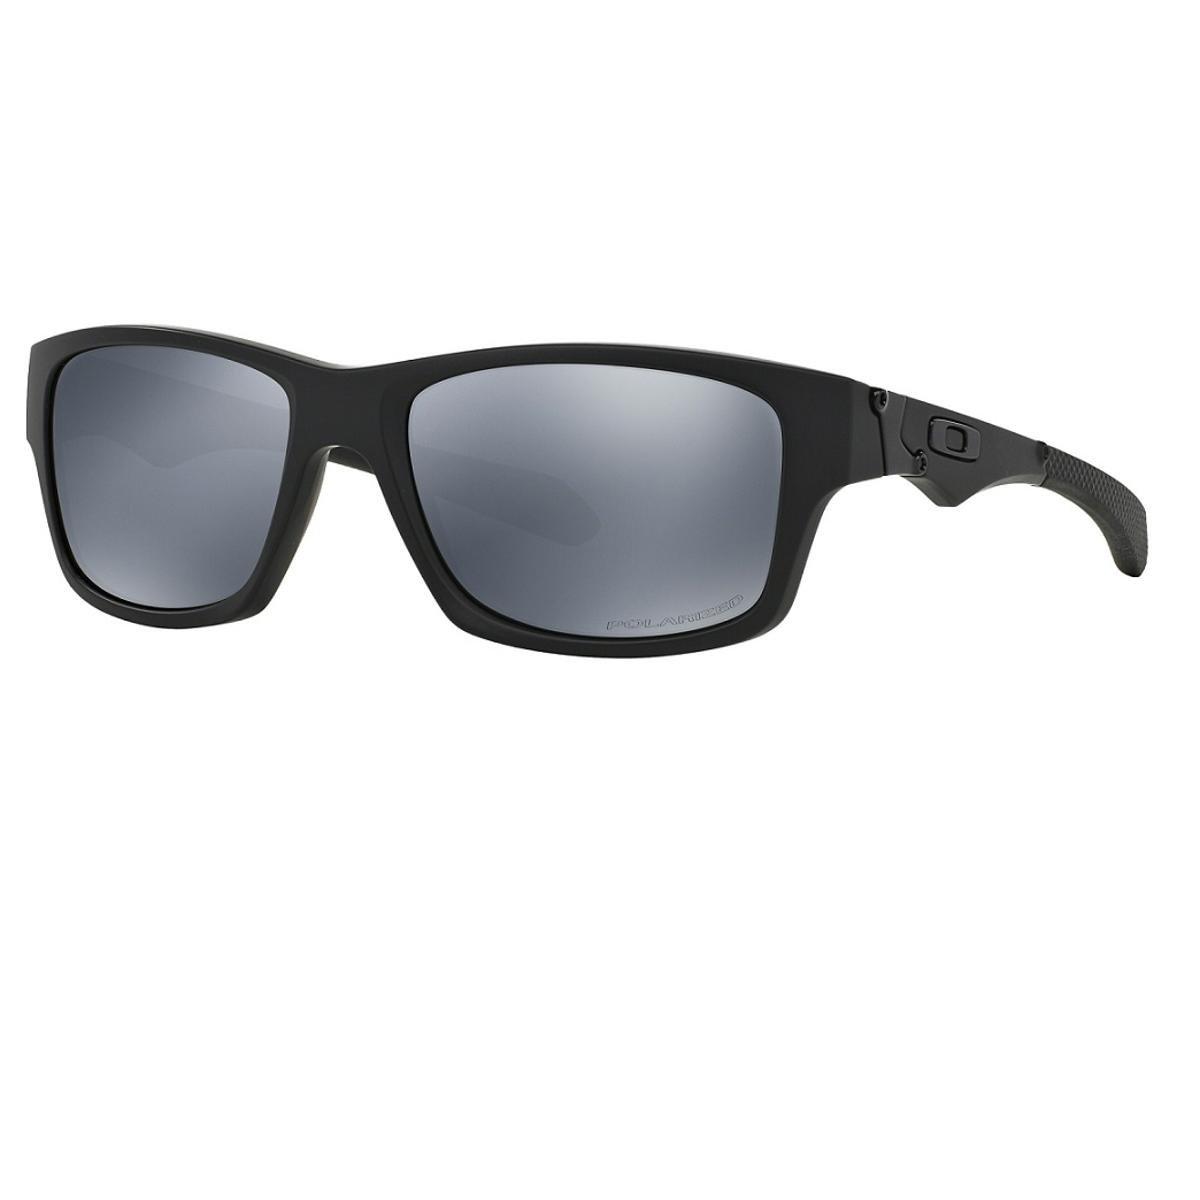 ee34418c1 Óculos de Sol Oakley Jupiter Squared Polarizado OO9135 09-56 Masculino |  Netshoes